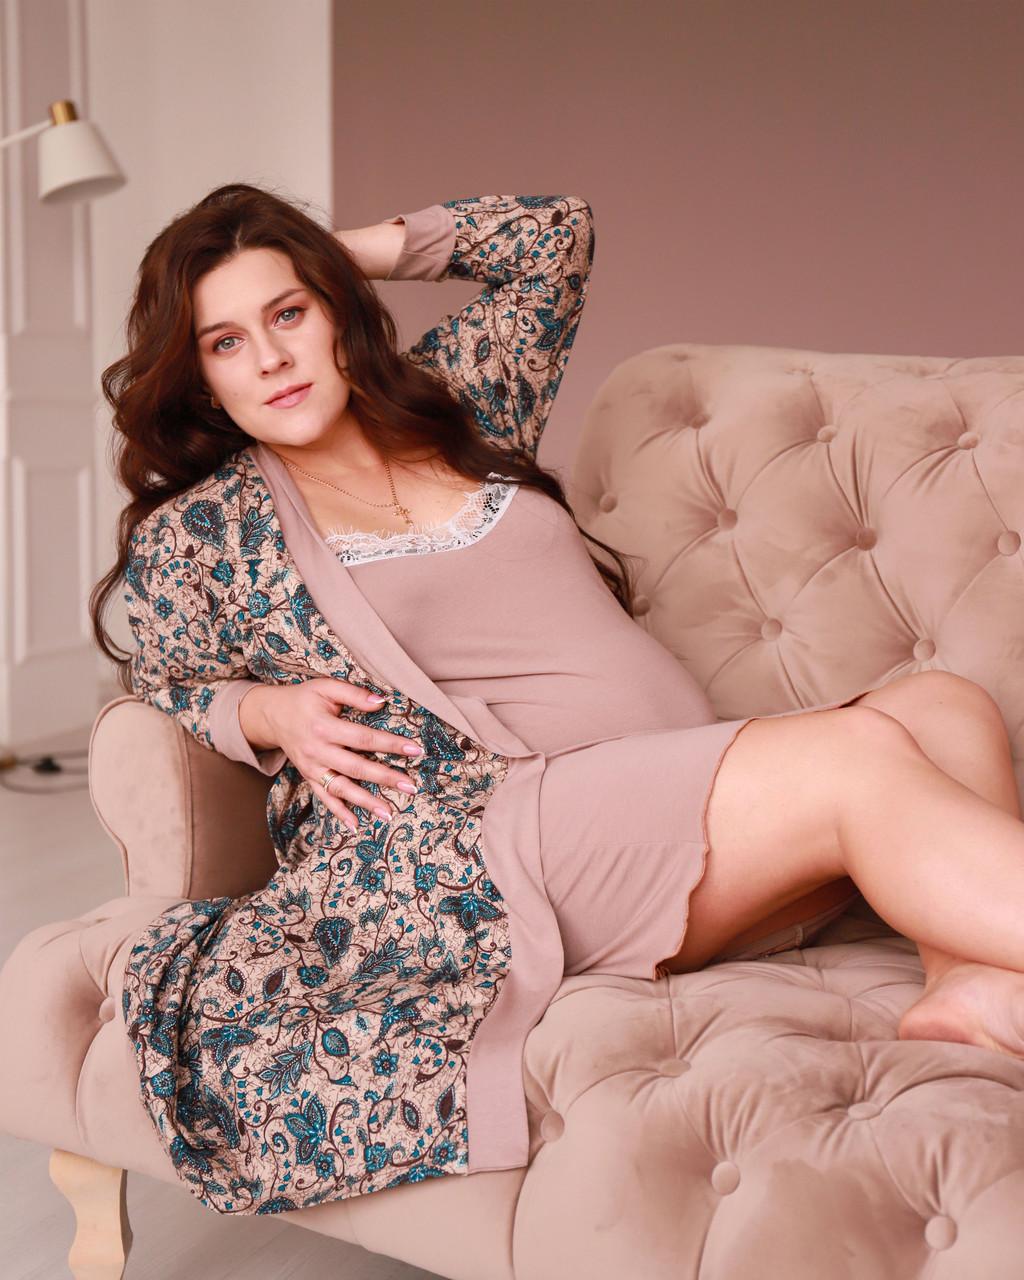 Комплект двойка халат и ночная рубашка для беременных и кормящих вискоза Браун